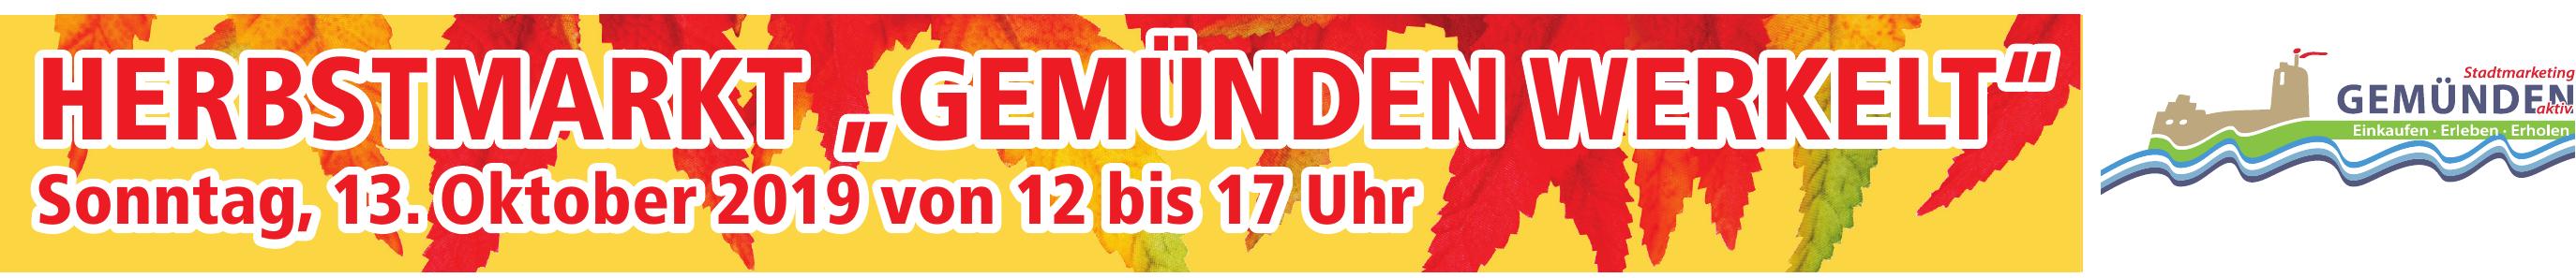 """Herbstmarkt """"Gemünden Werkelt"""" Image 1"""